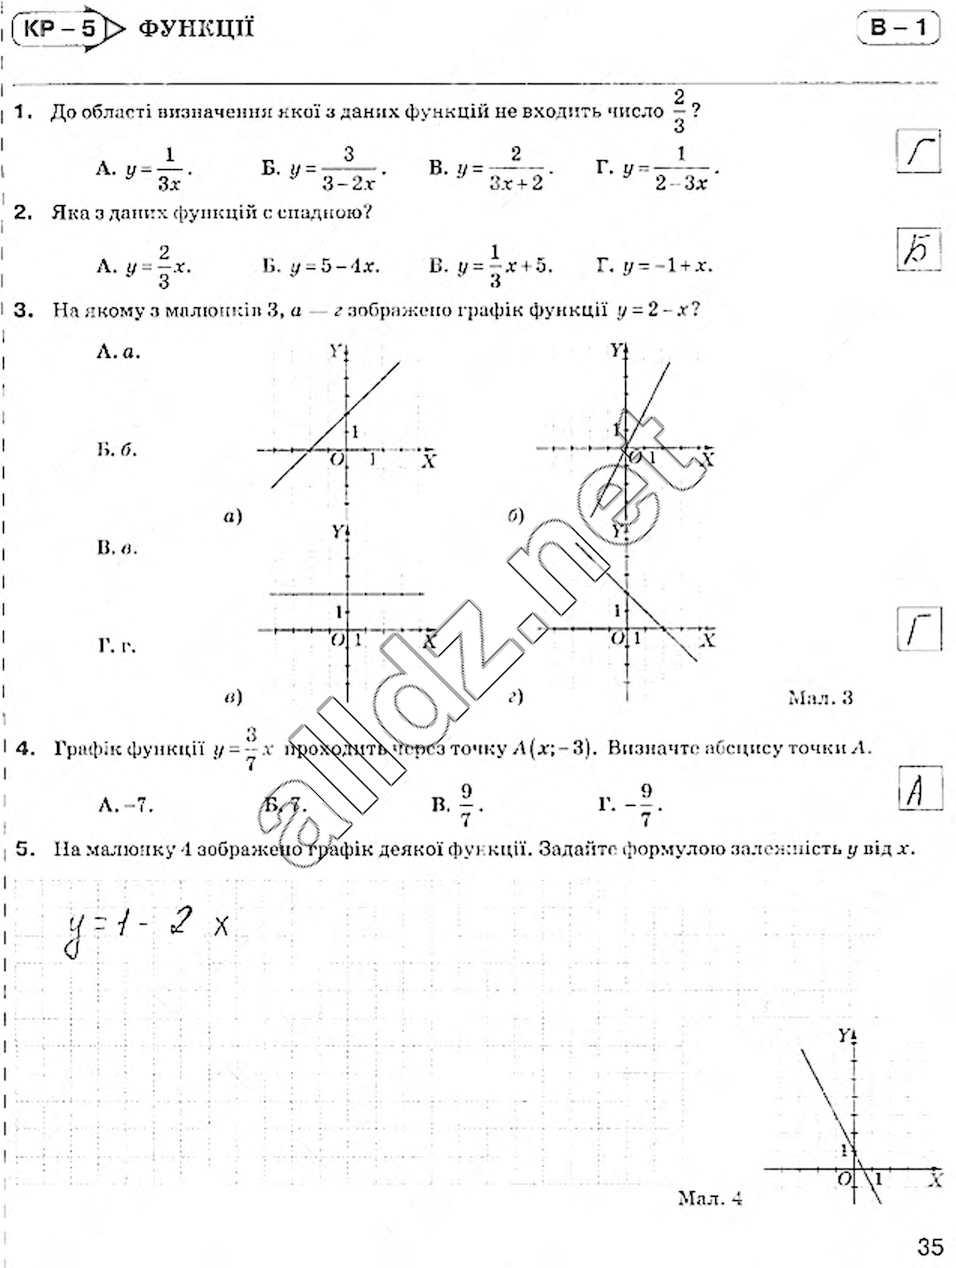 Зошит контрольних 7 клас Алгебра Тарасенкова.